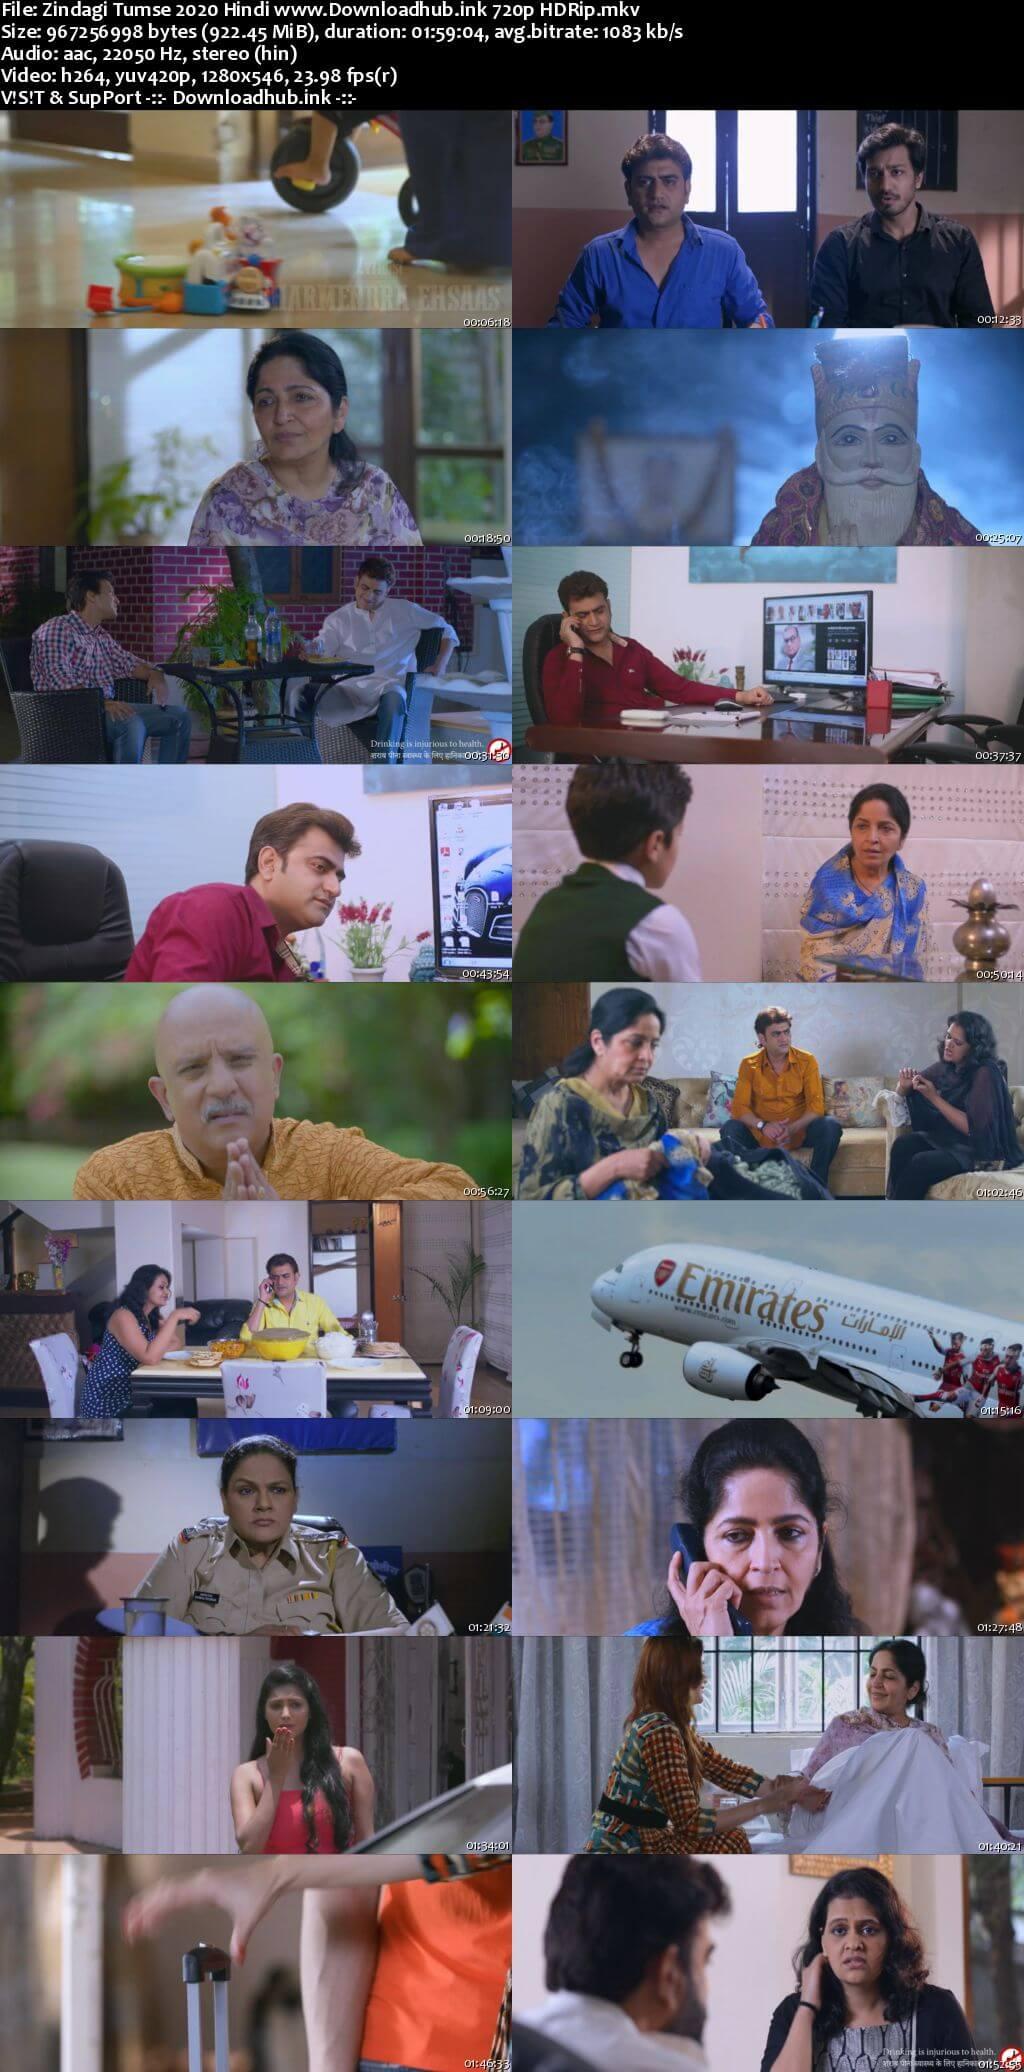 Zindagi Tumse 2020 Hindi 720p HDRip x264